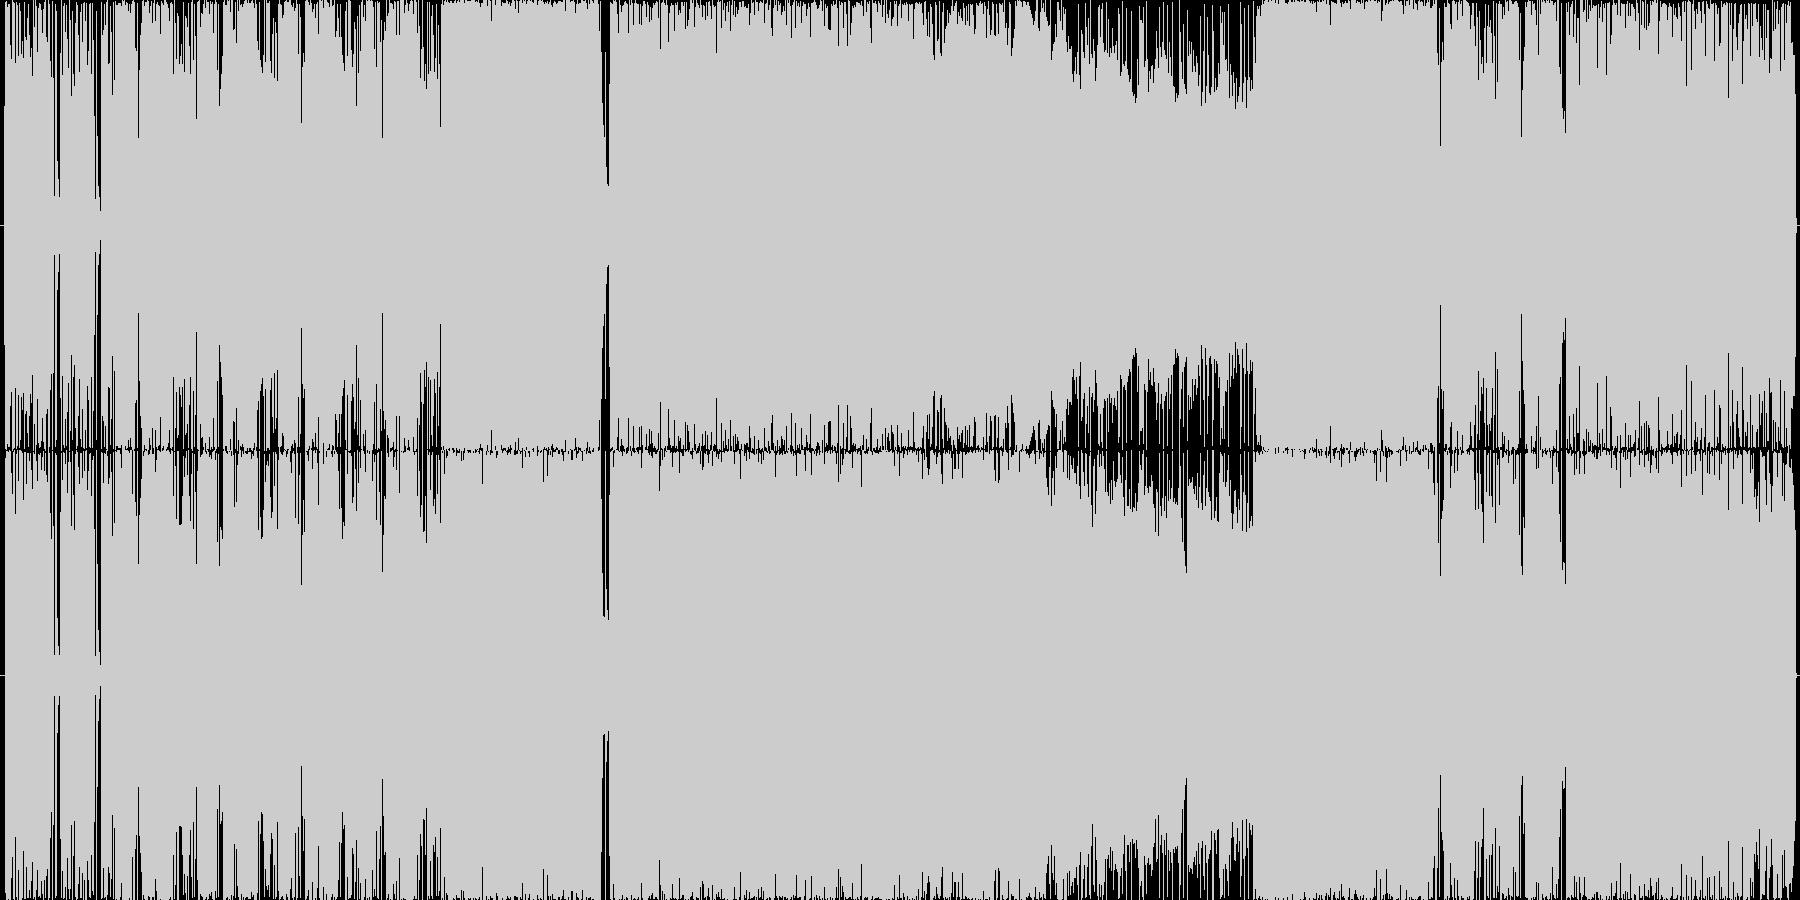 ヘビーメタルインストの未再生の波形